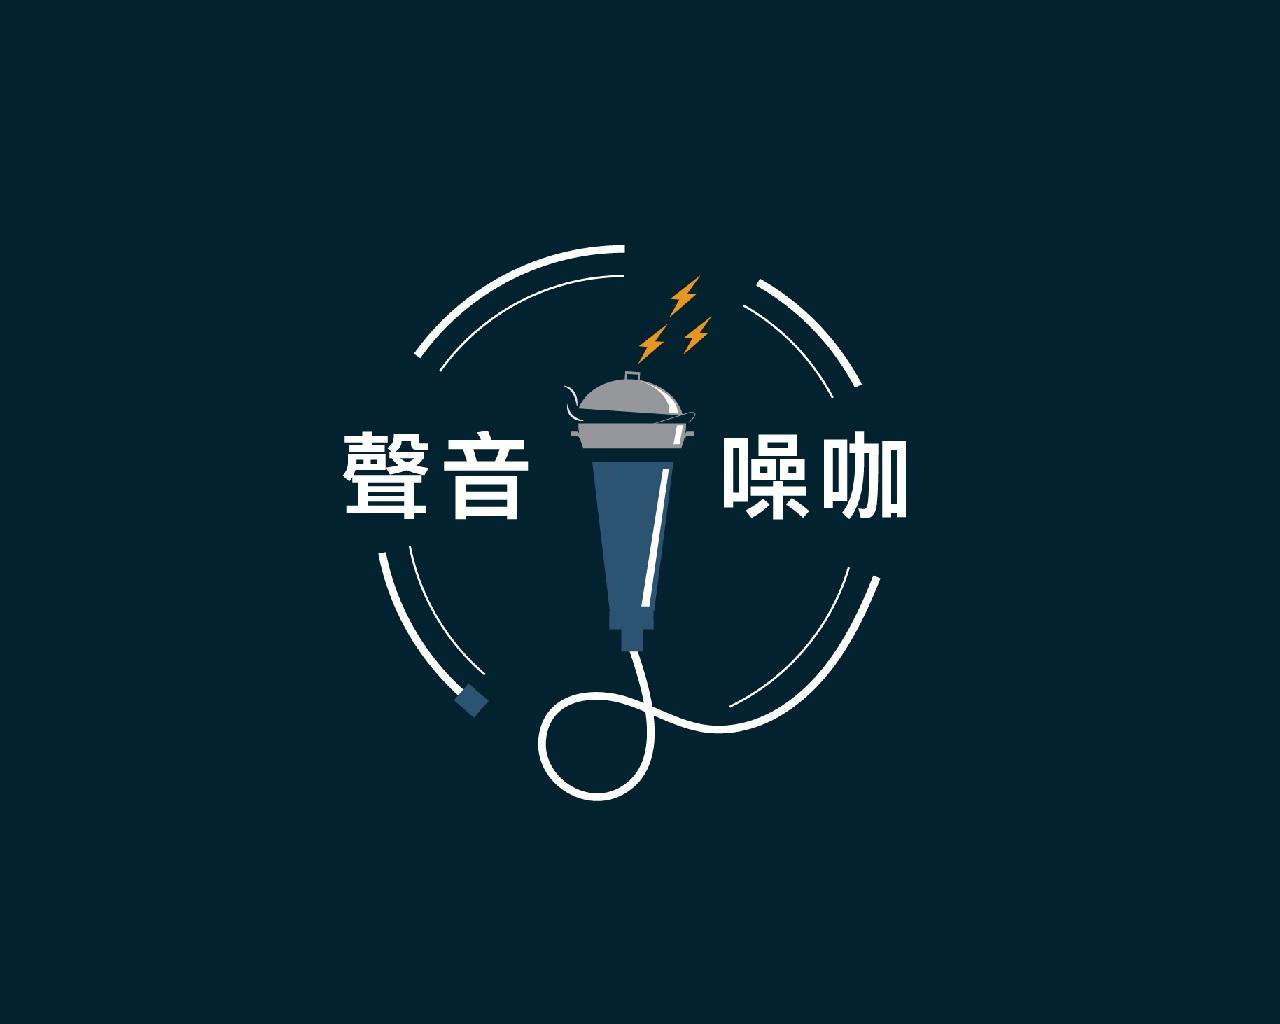 #1【噪咖來噪】線下活動大成功 / 錄音室改善review / KKBOX合作計畫(Podcast新手村延期中)